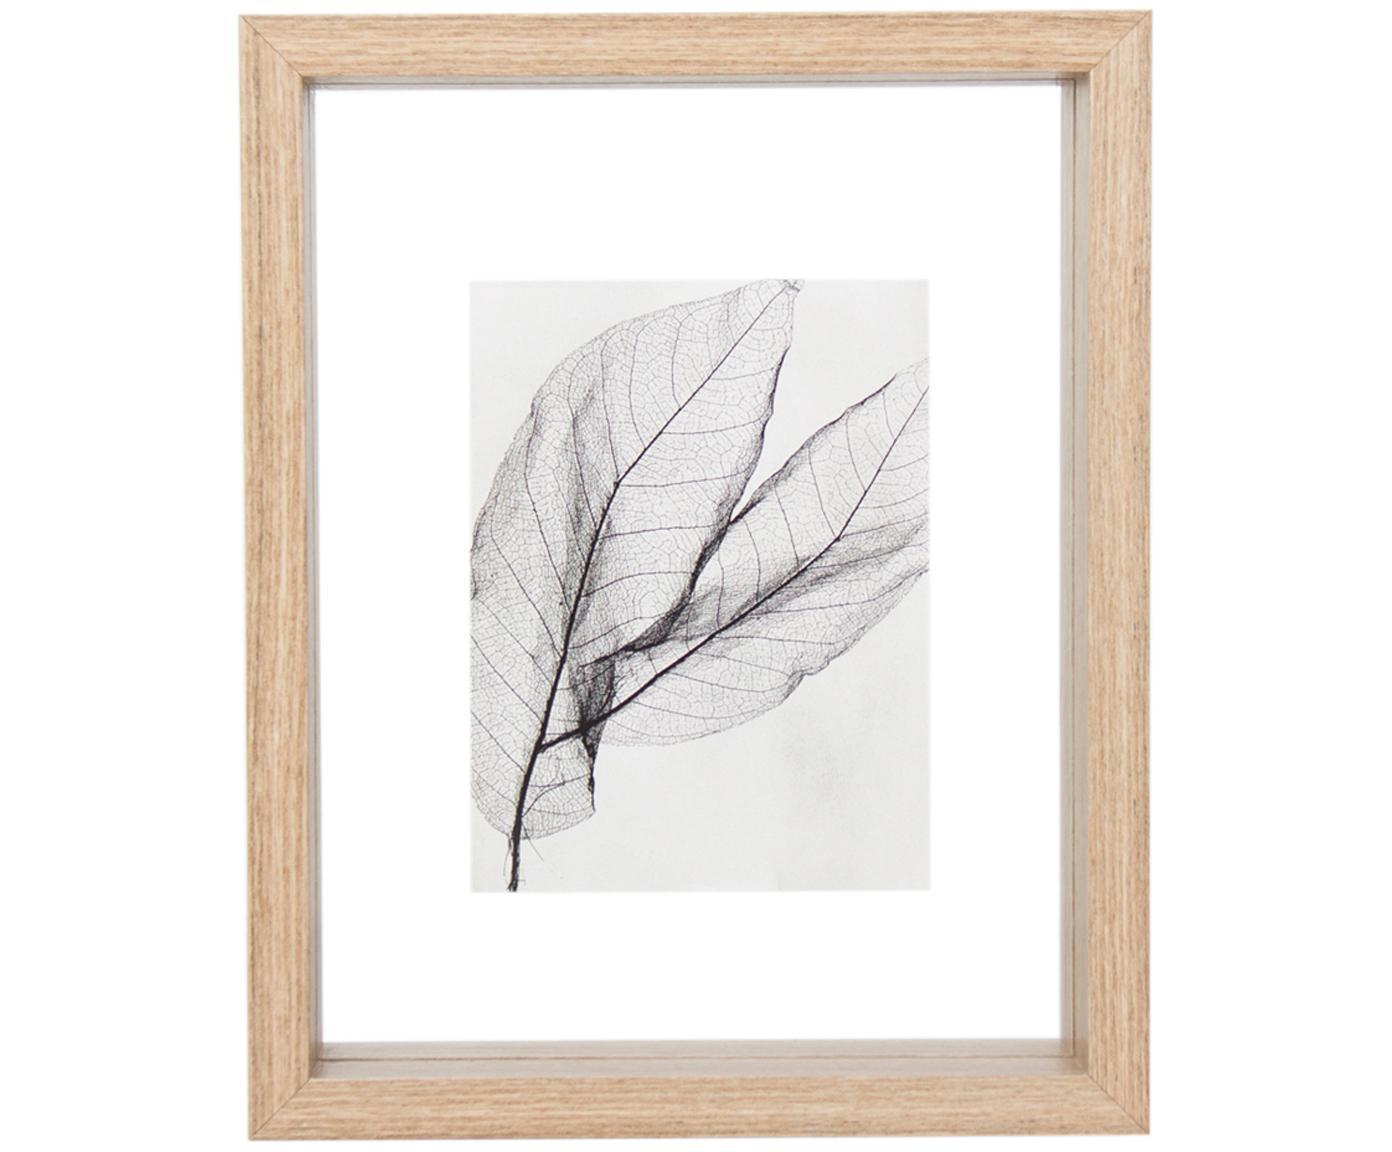 Fotolijstje Look, Lijst: hout, Zwart, transparant, 15 x 20 cm